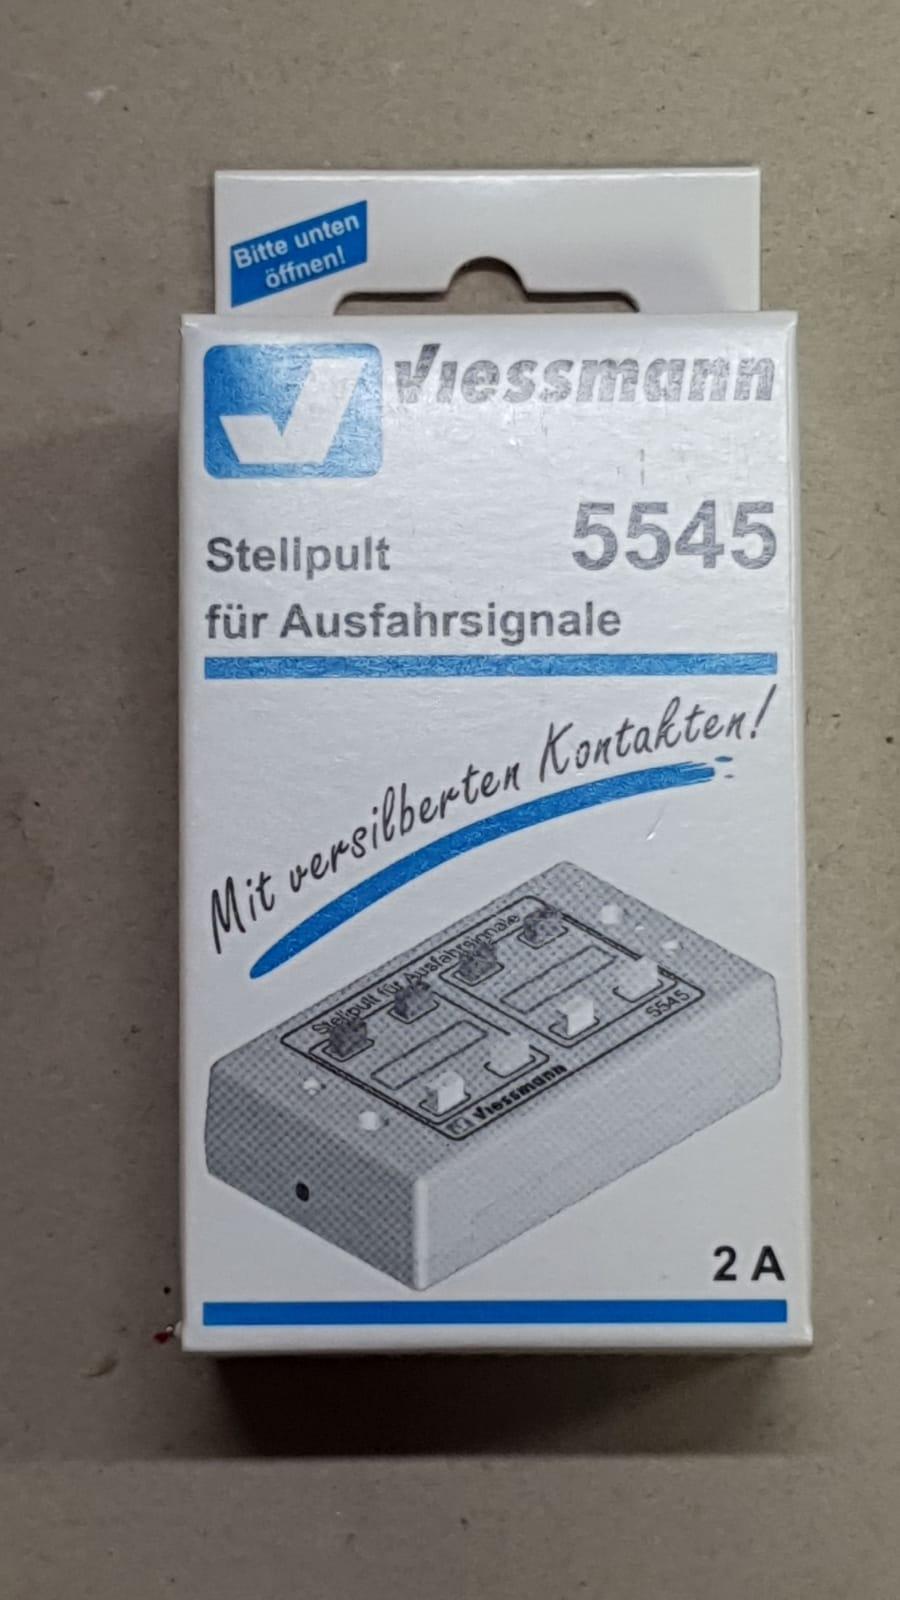 Viessmann 5545 Stellpult für Ausfahrsignal  FW4351